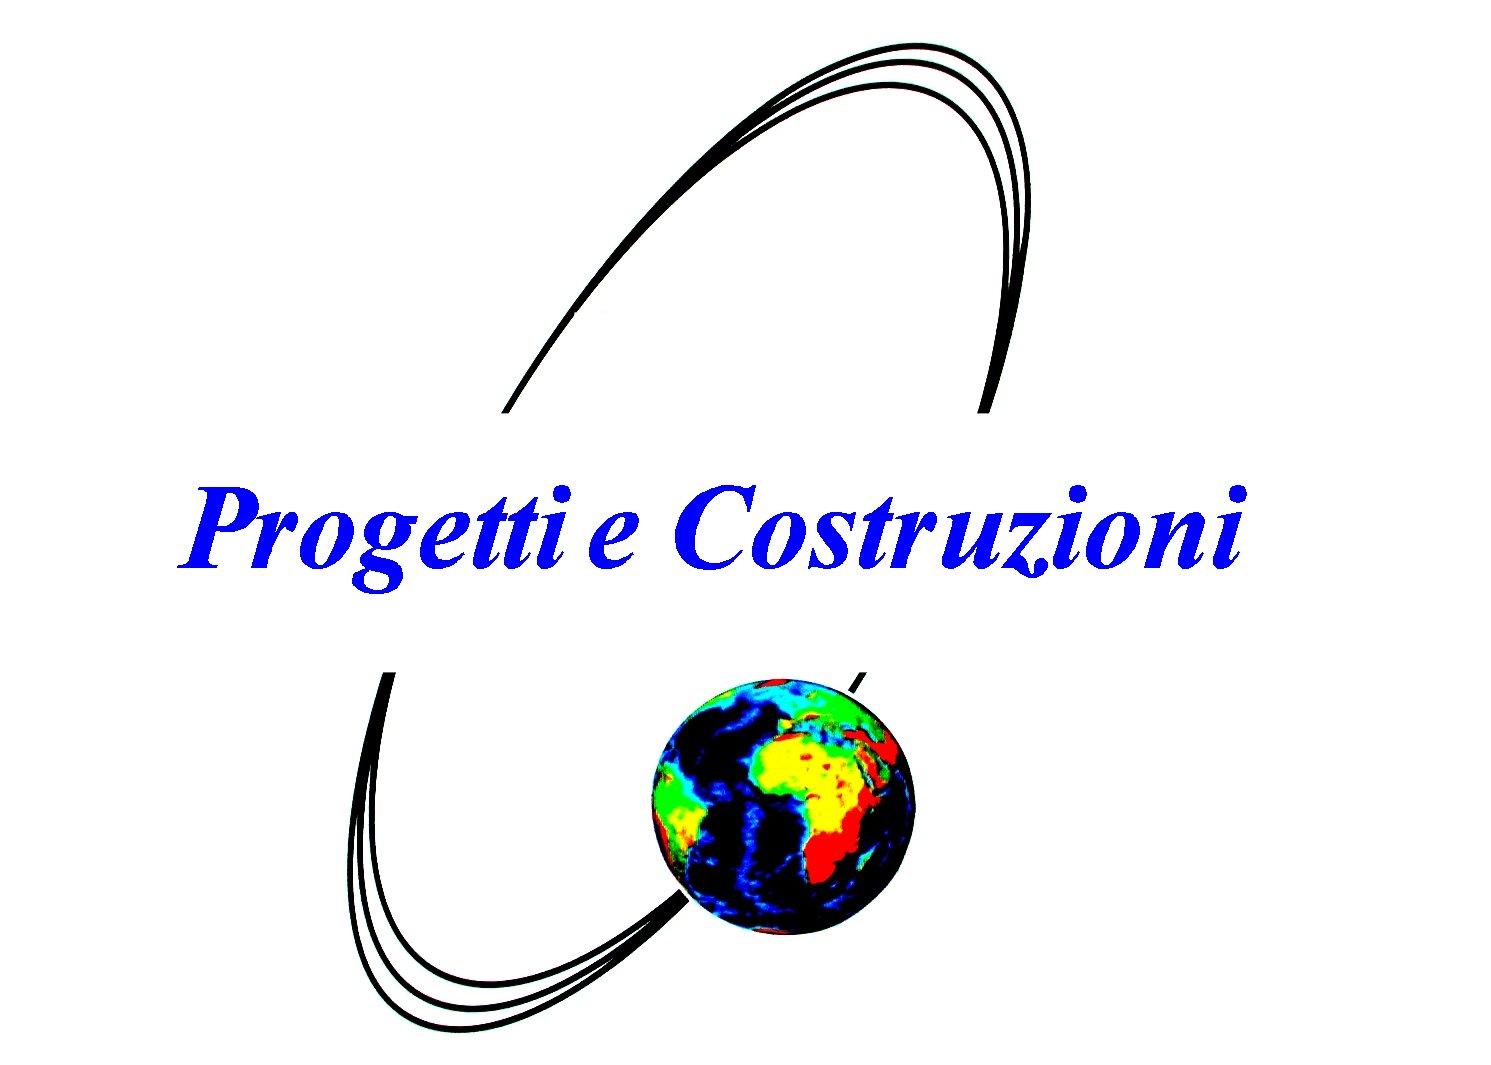 Progetti E Costruzioni Srl